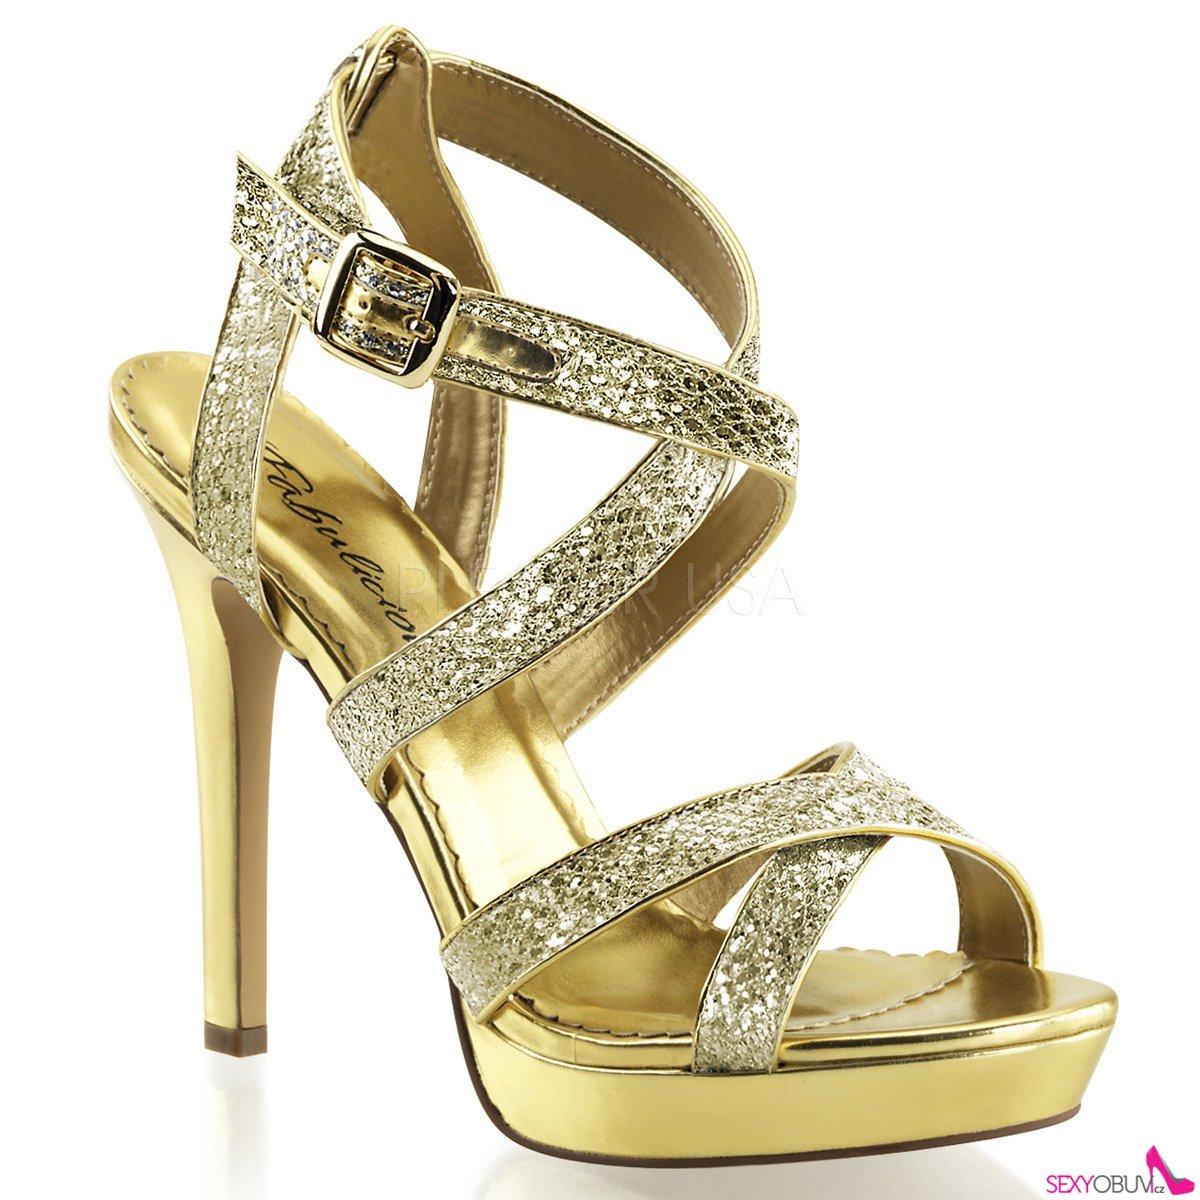 LUMINA-21 Zlaté dámské luxusní lodičky na podpatku  4c2cc0a597